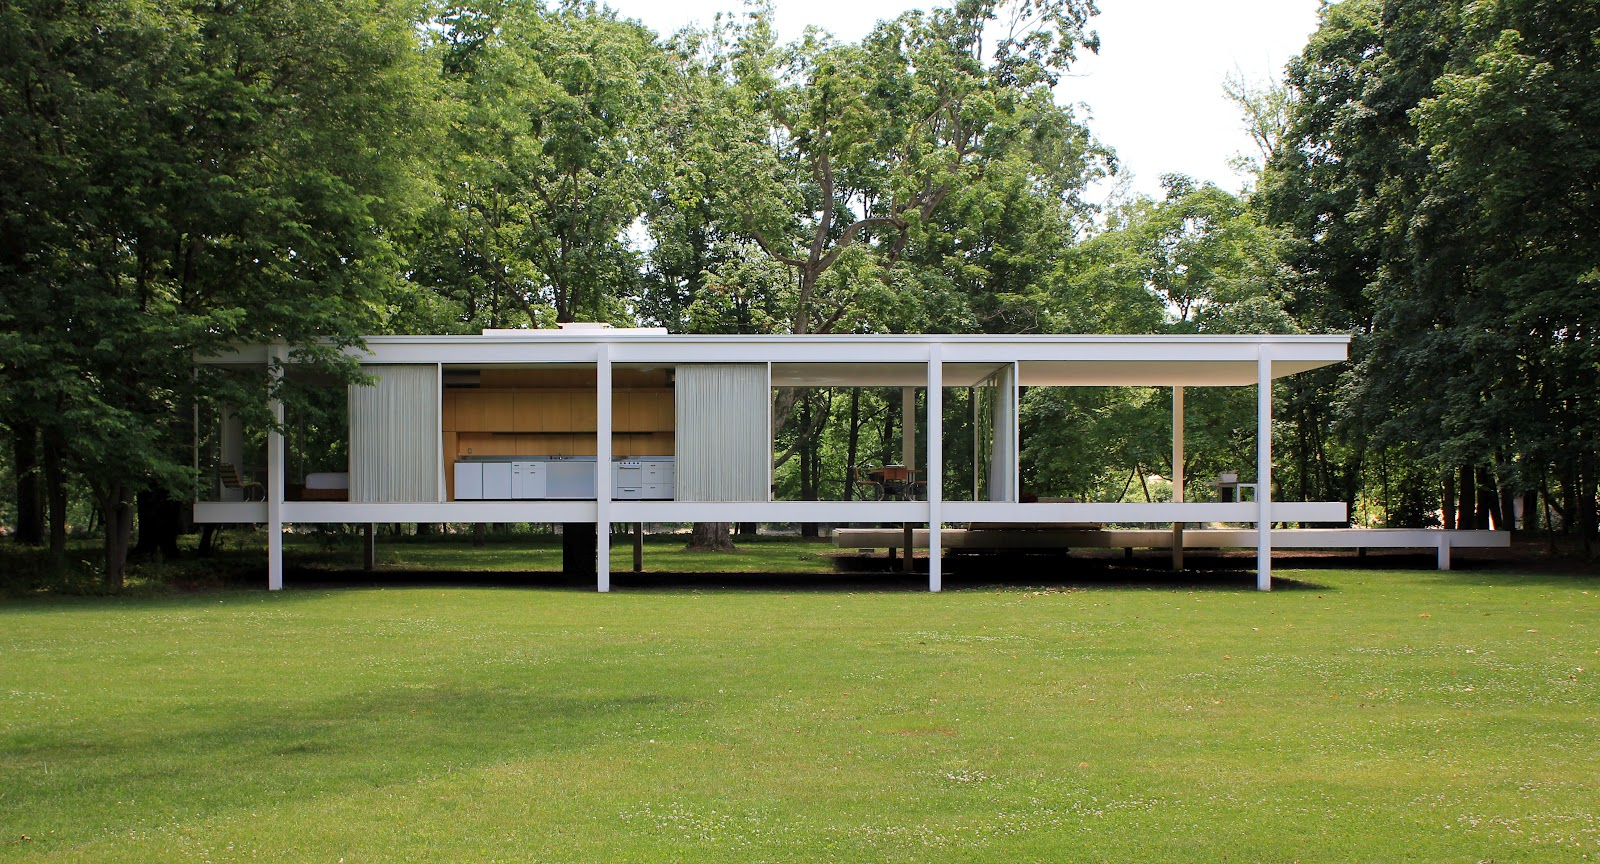 Casa Farnsworth 1950 Mies van der Rohe